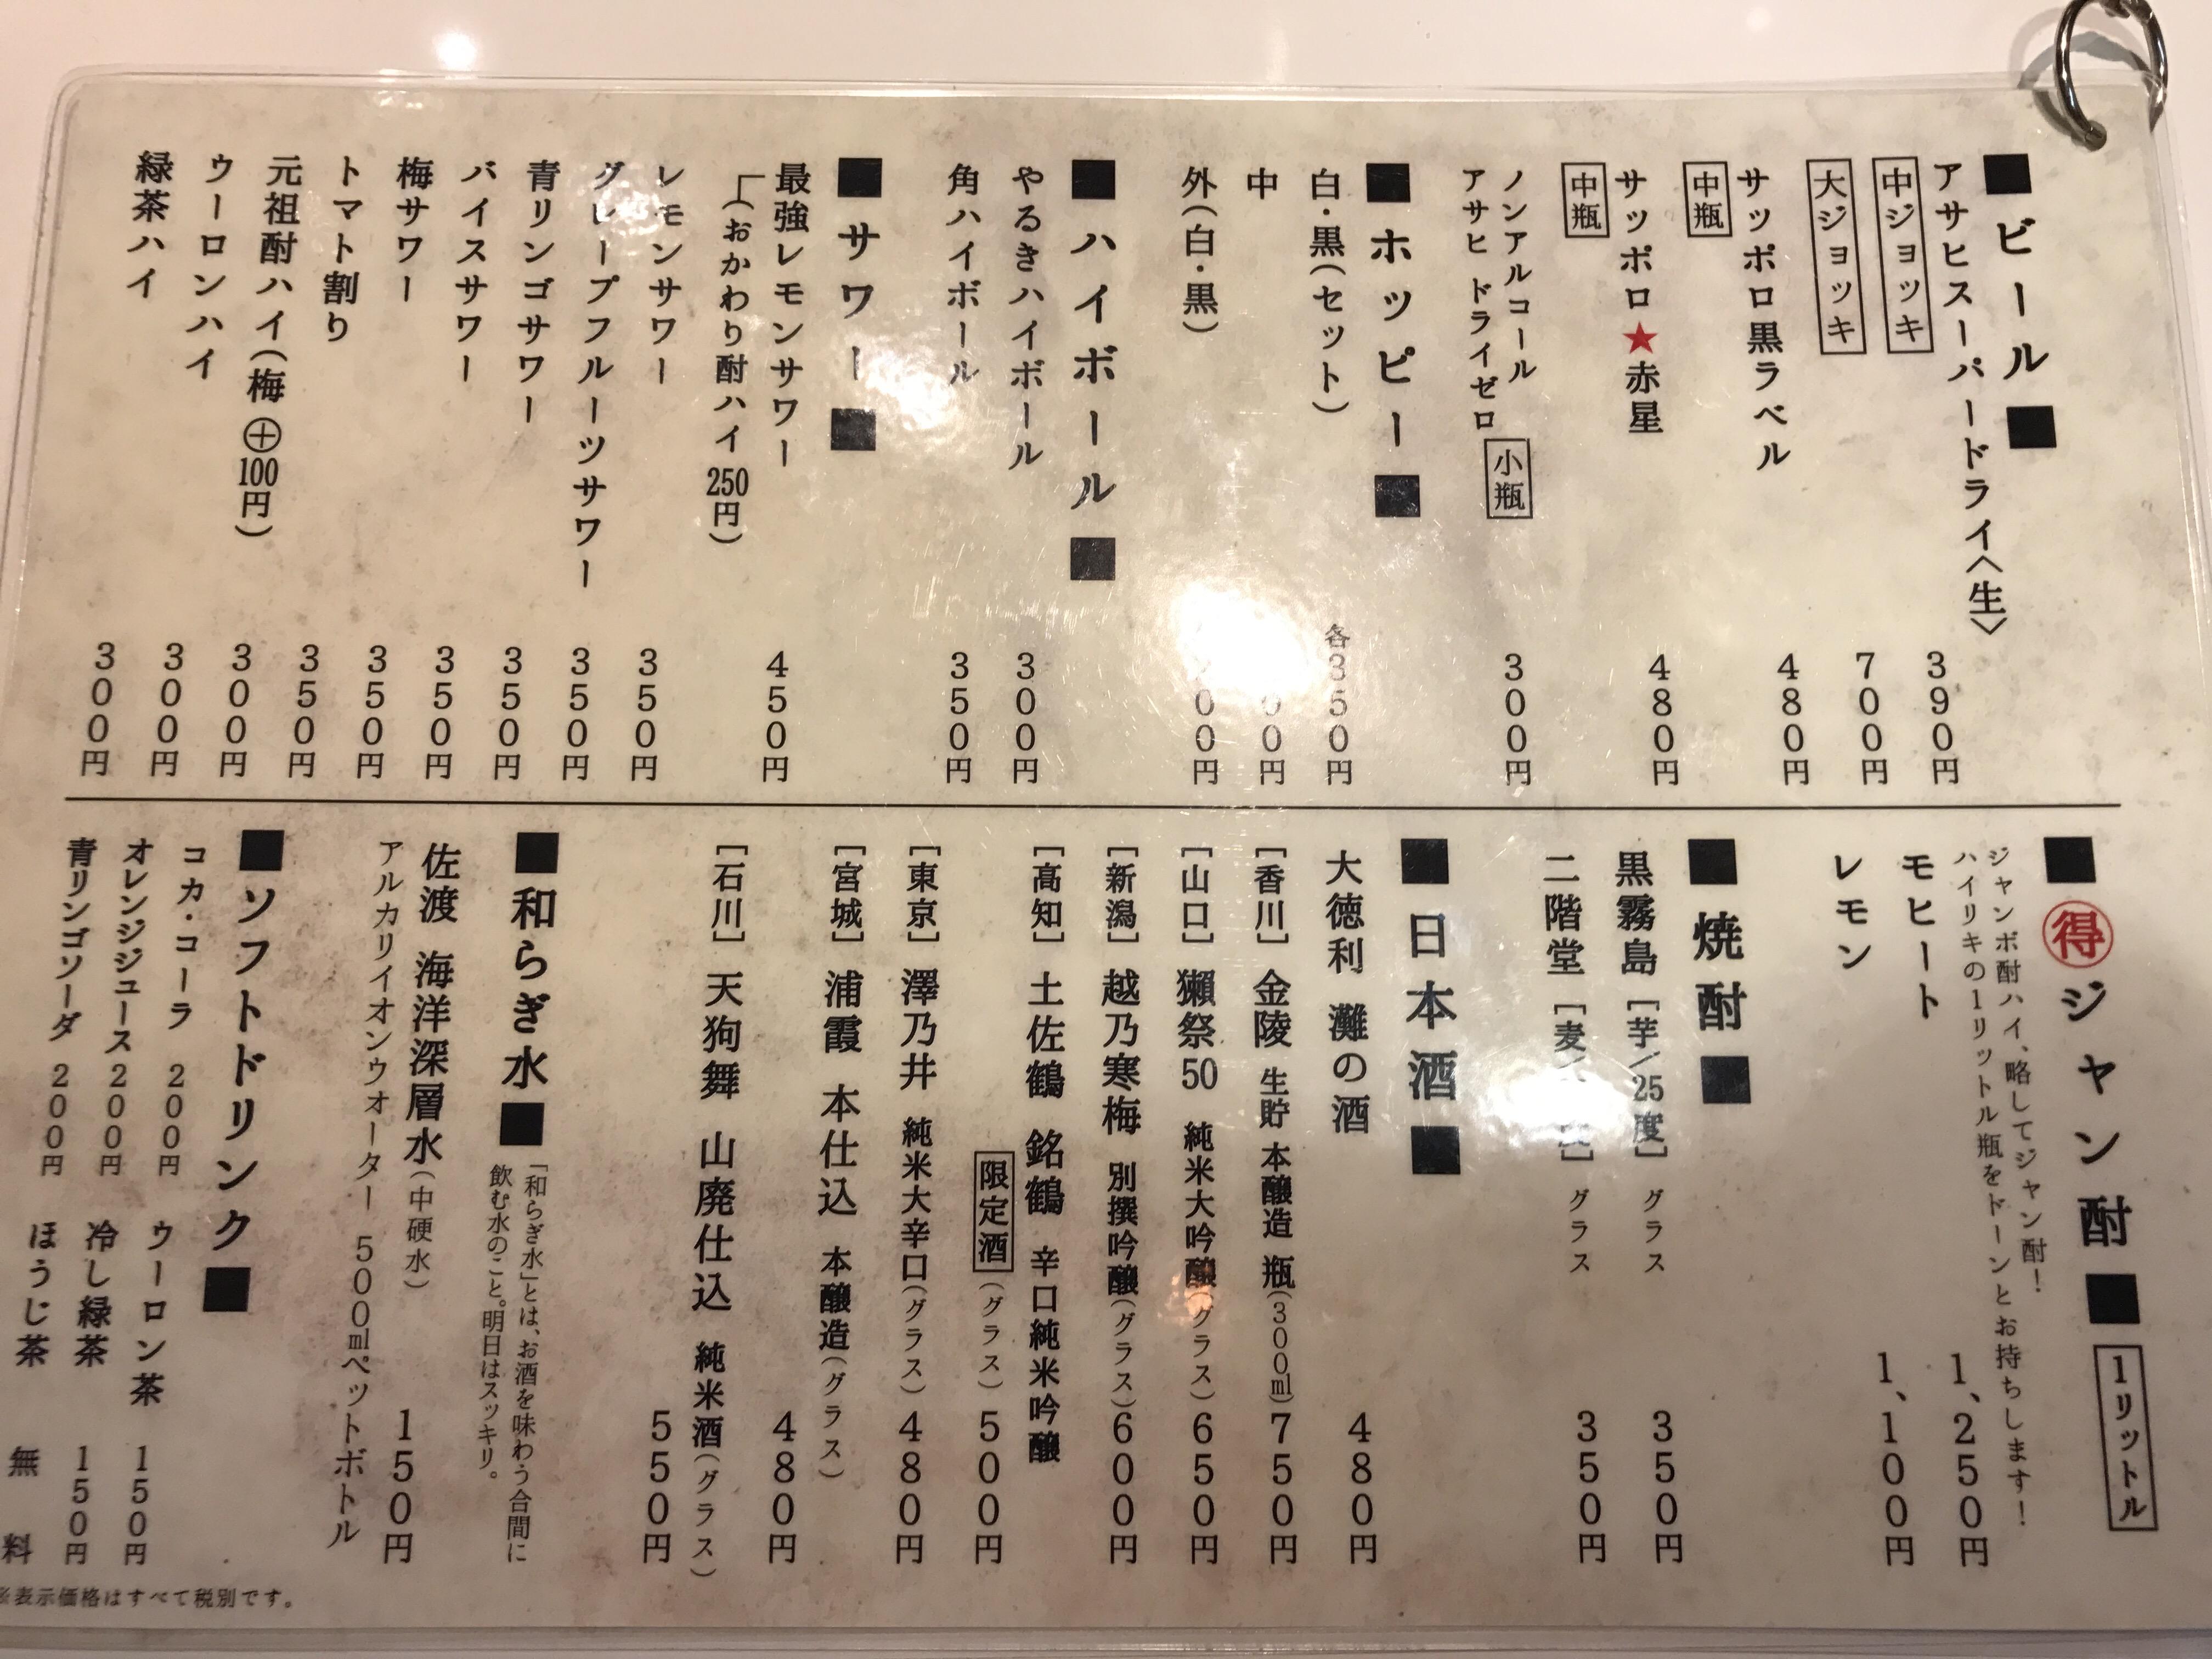 やるきホルモン 新宿名店横丁 新宿肉横丁 メニュー